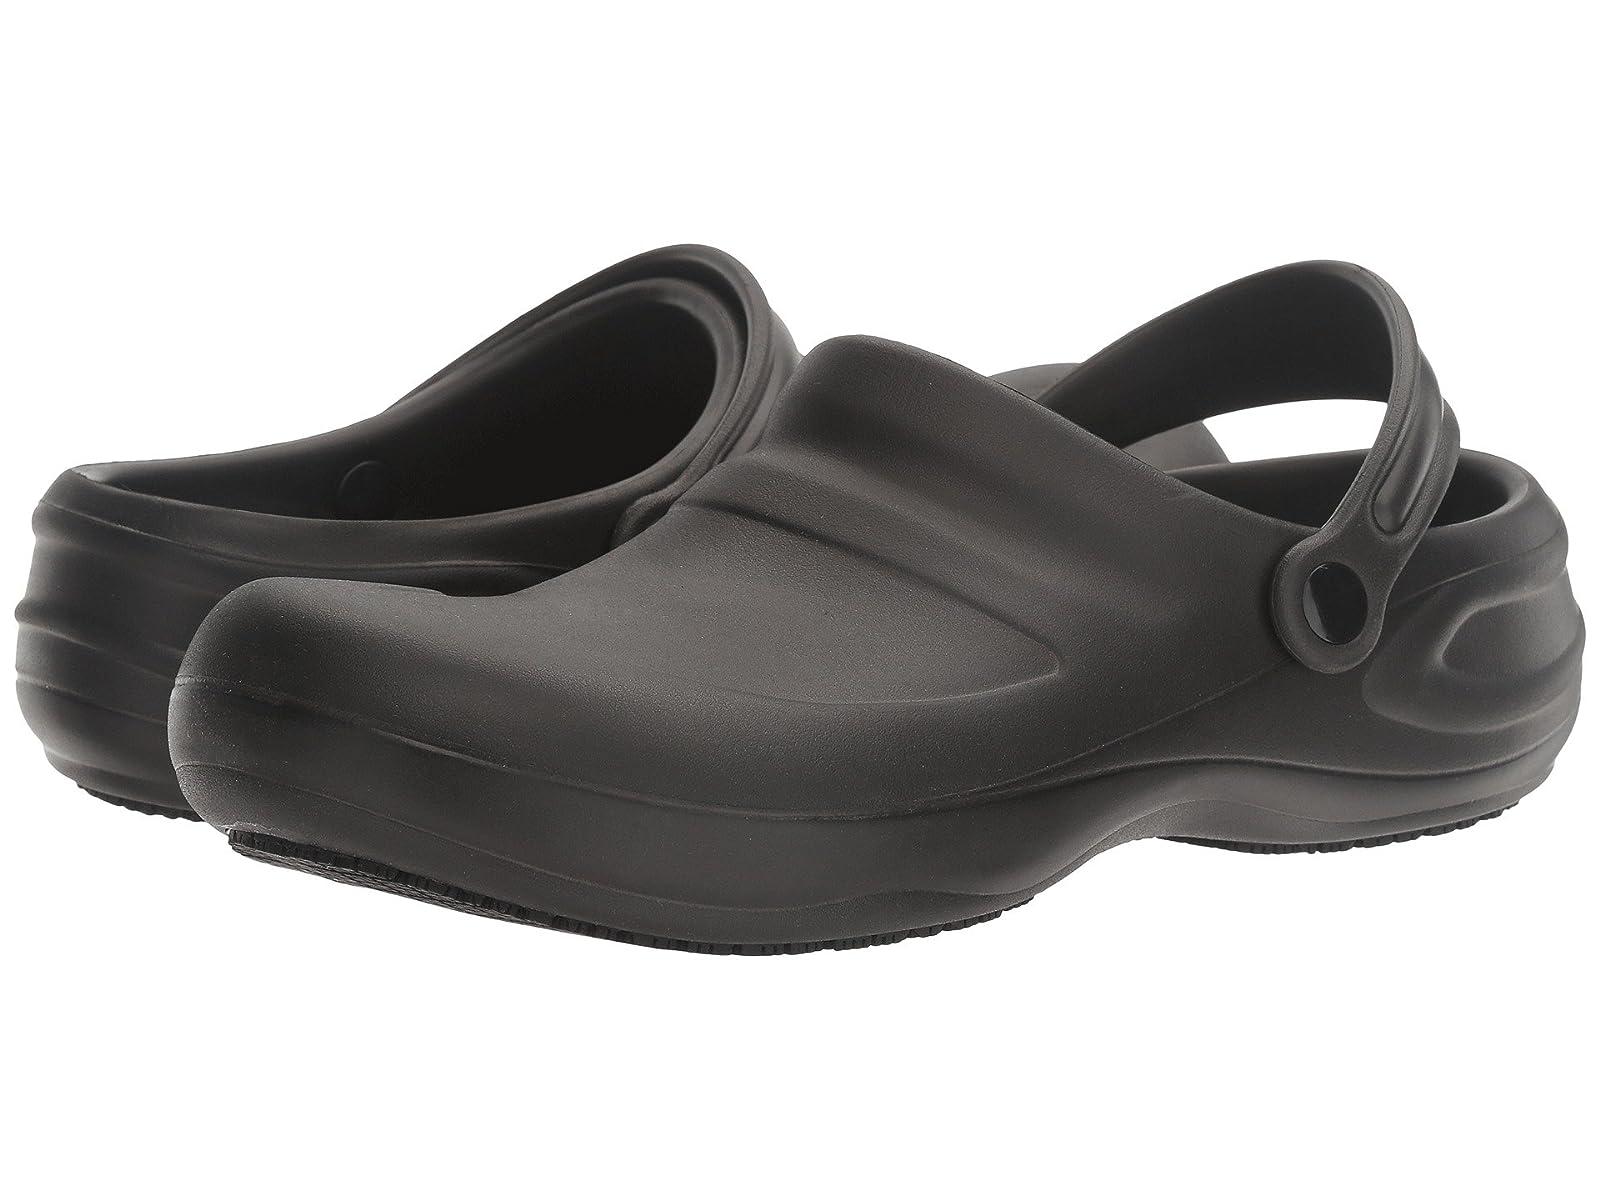 Dr. Scholl's Work StriveAtmospheric grades have affordable shoes